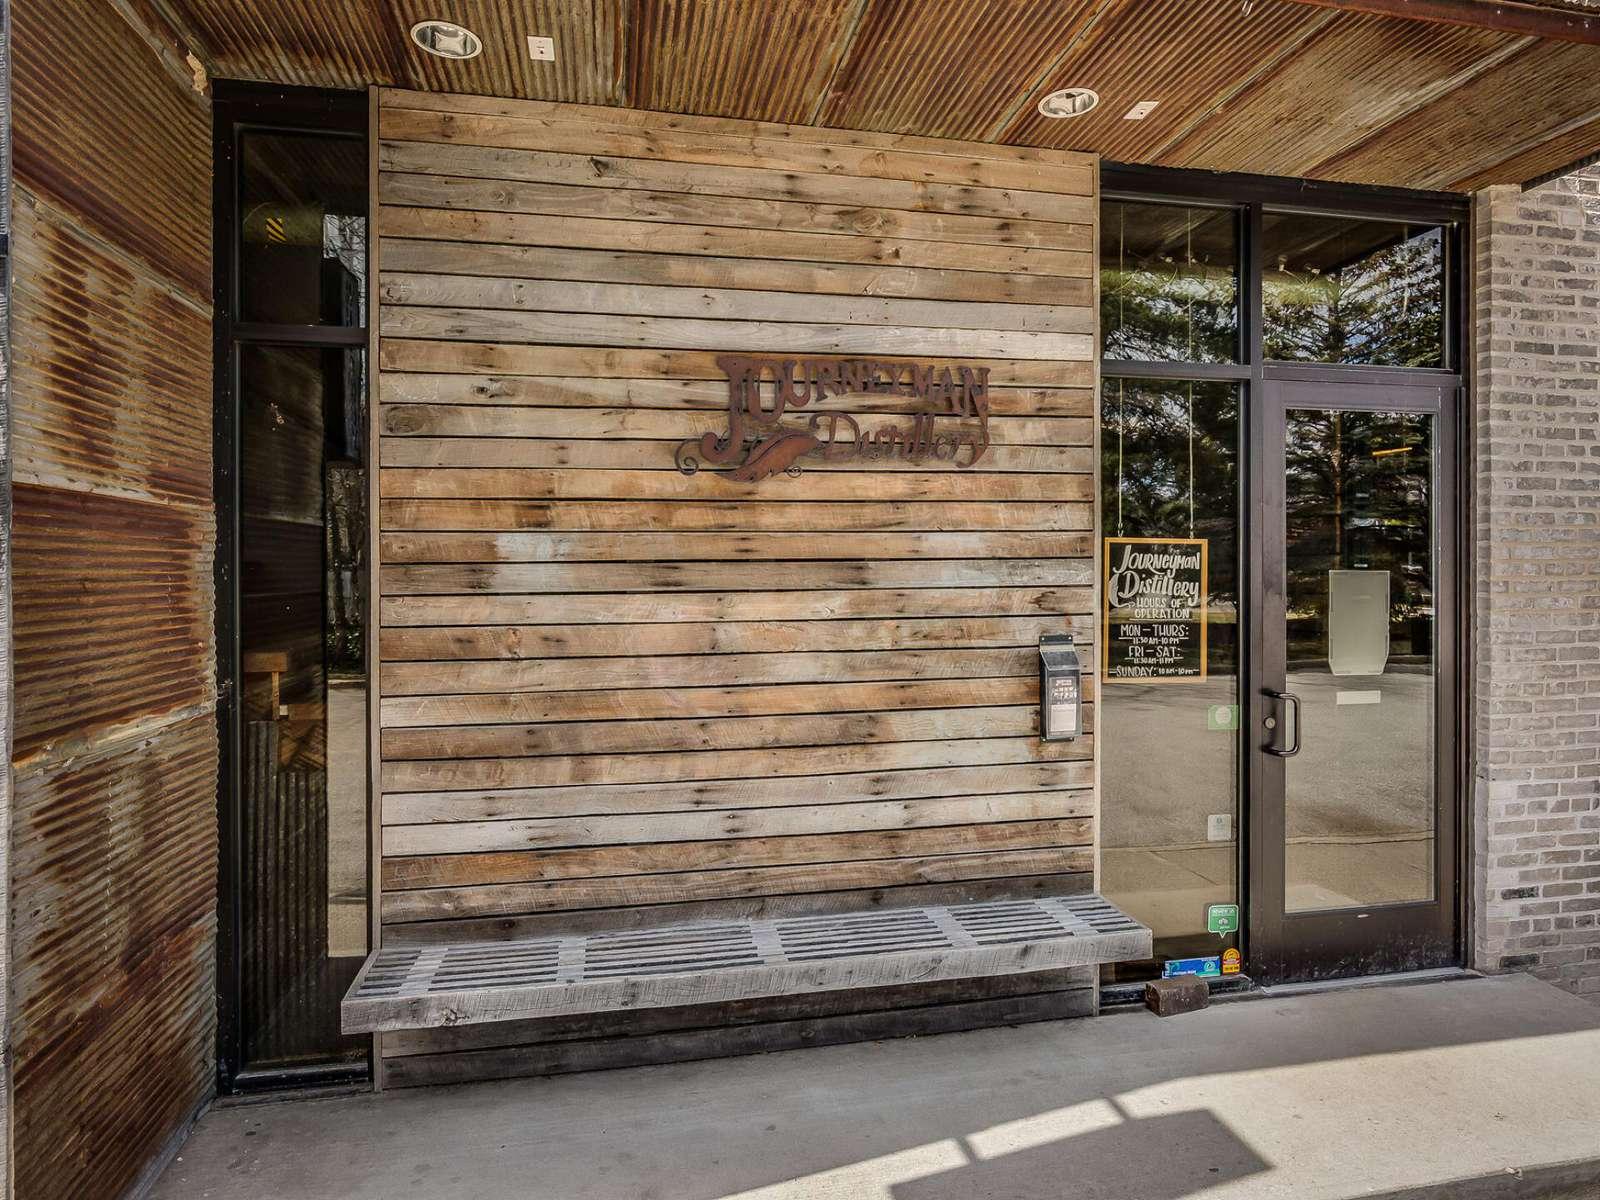 The Journeyman Distillery - Three Oaks